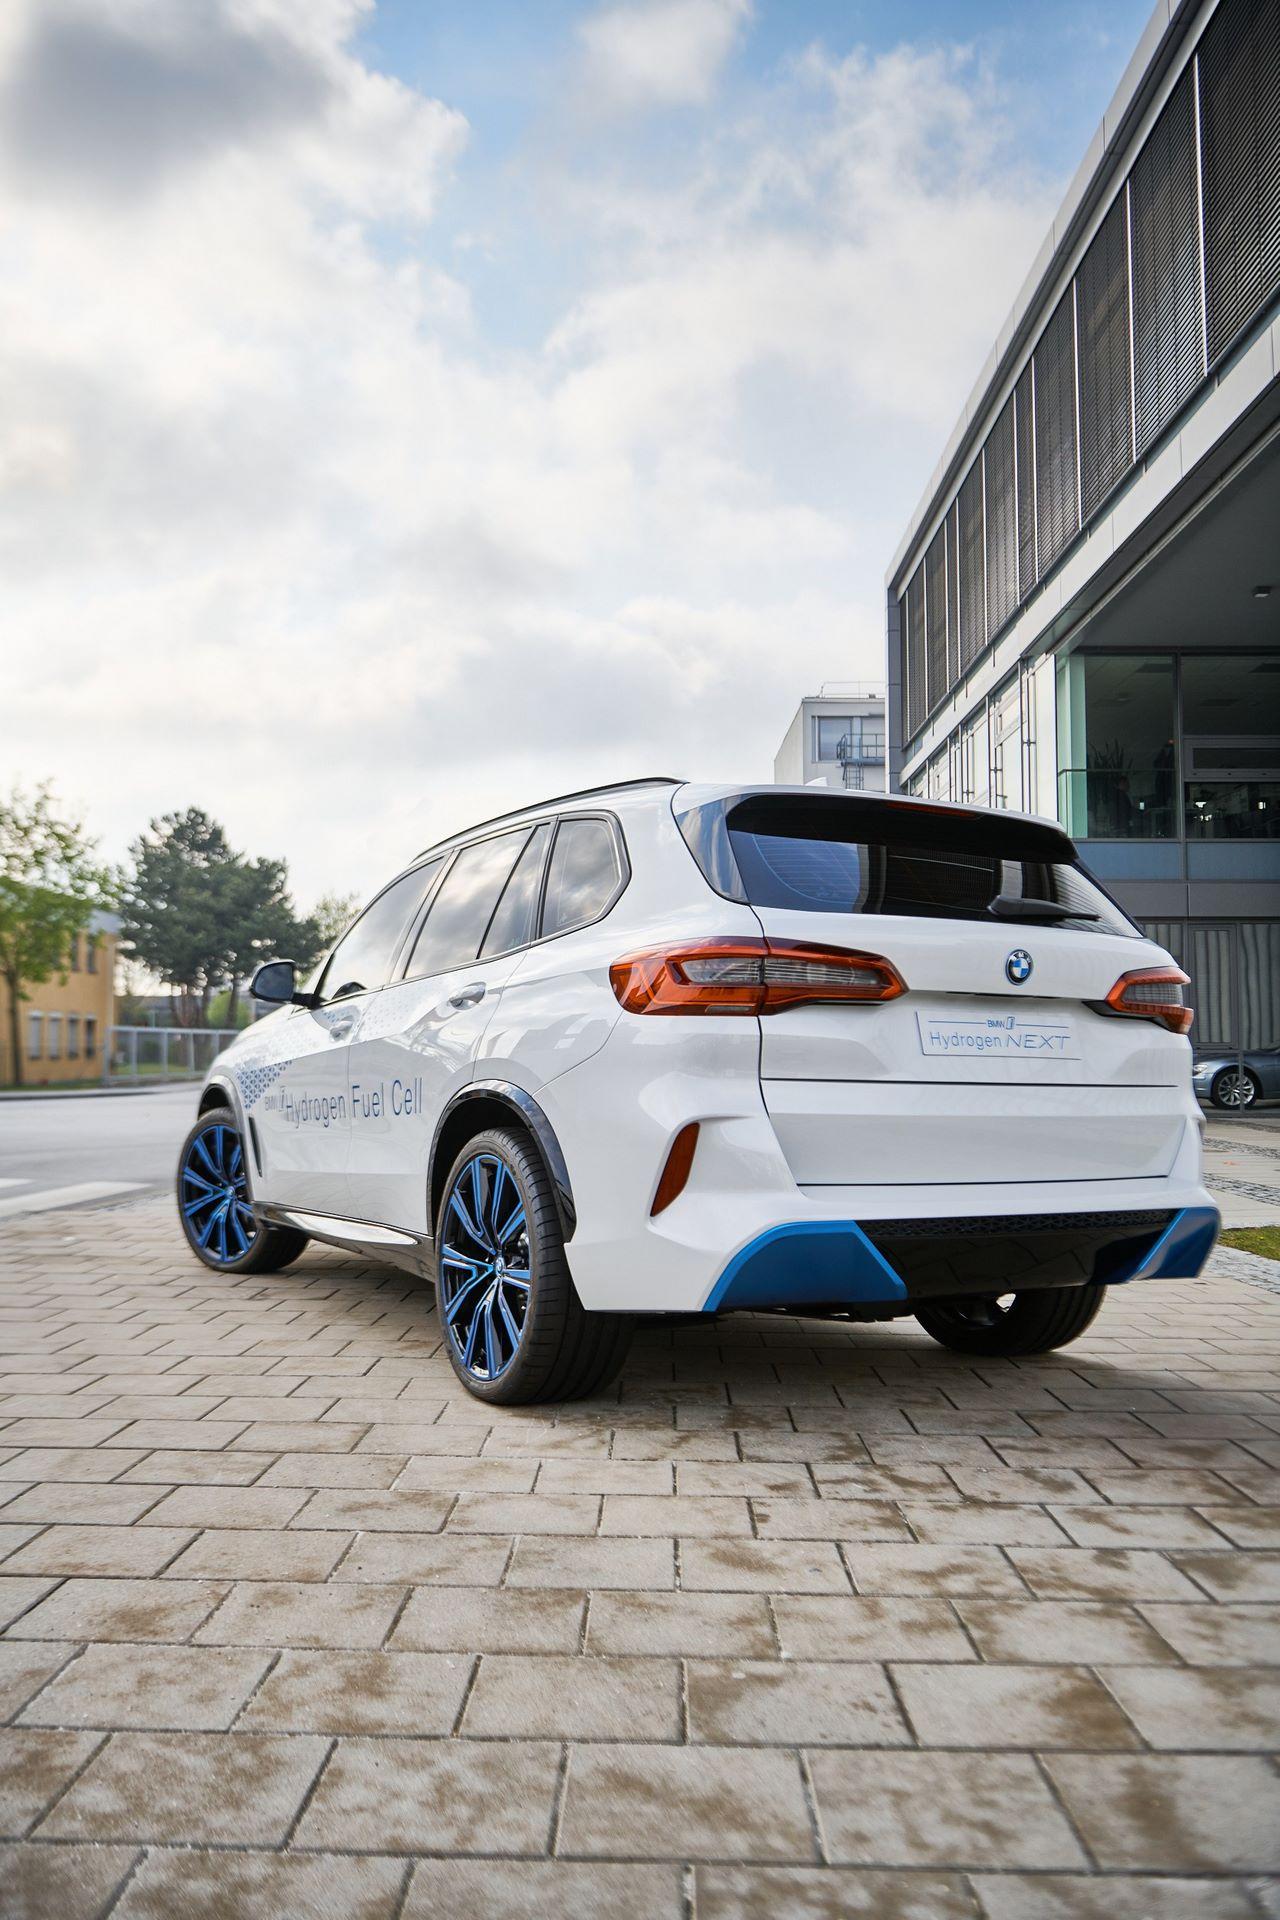 BMW-i-Next-Hydrogen-Concept-14